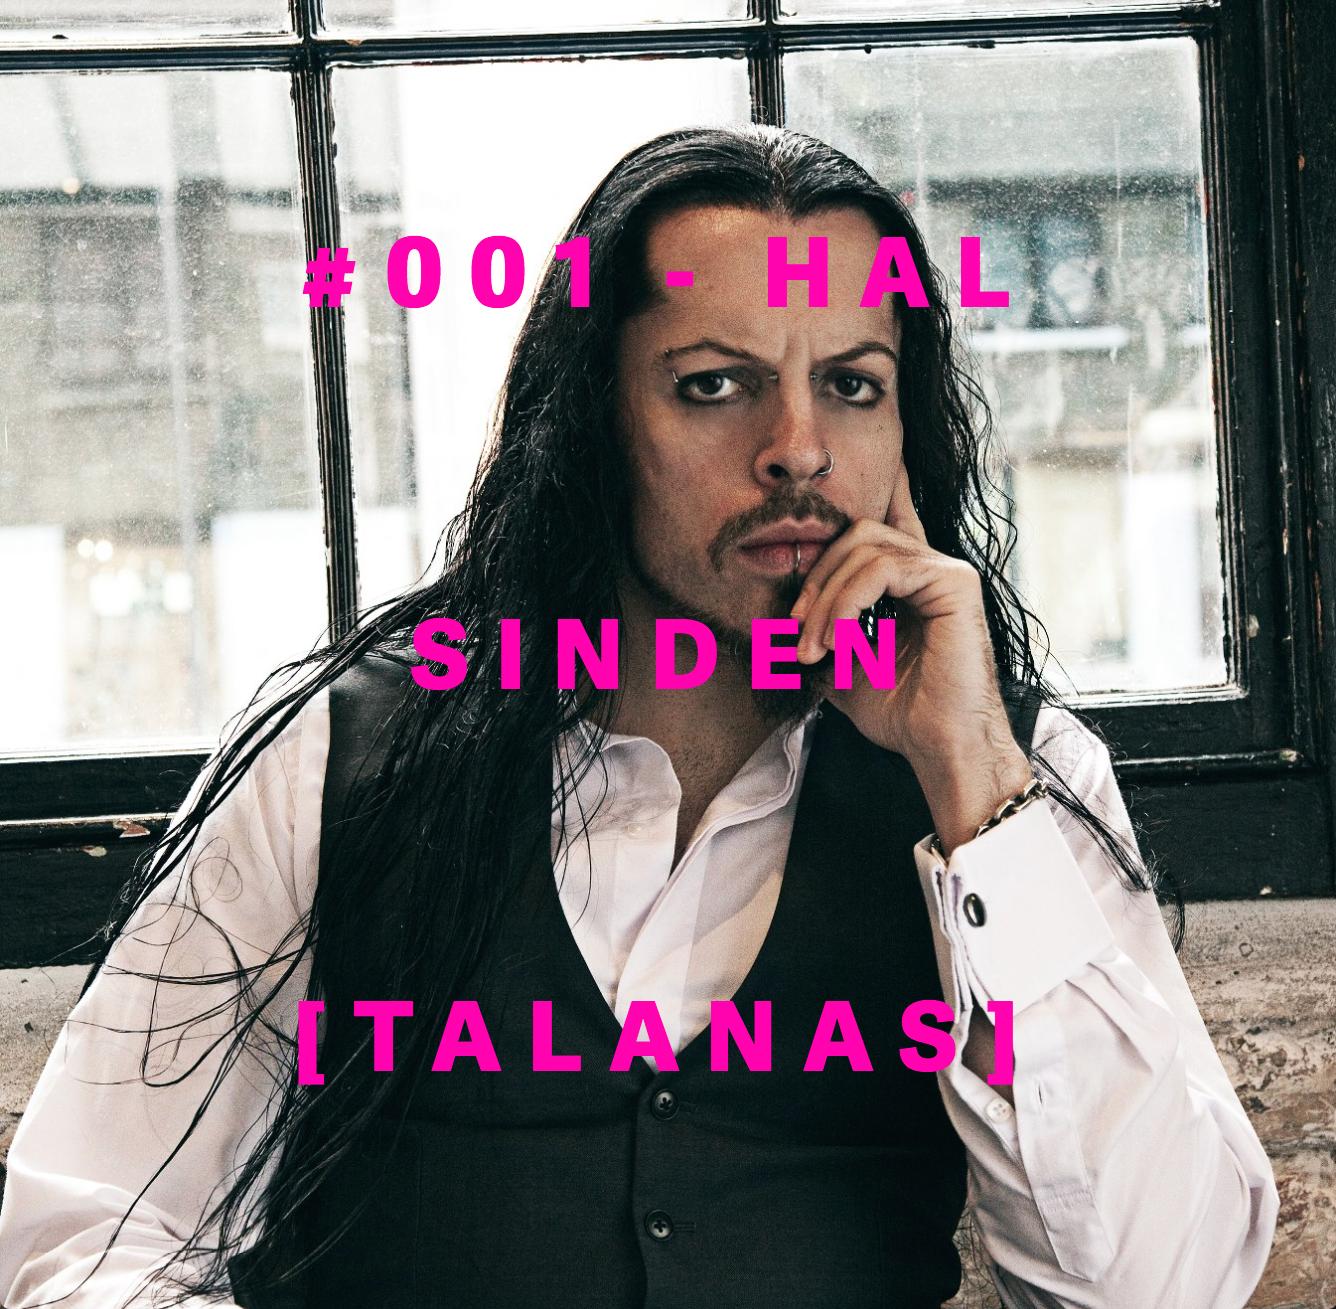 HAL SINDEN  #001-ROCK GOD